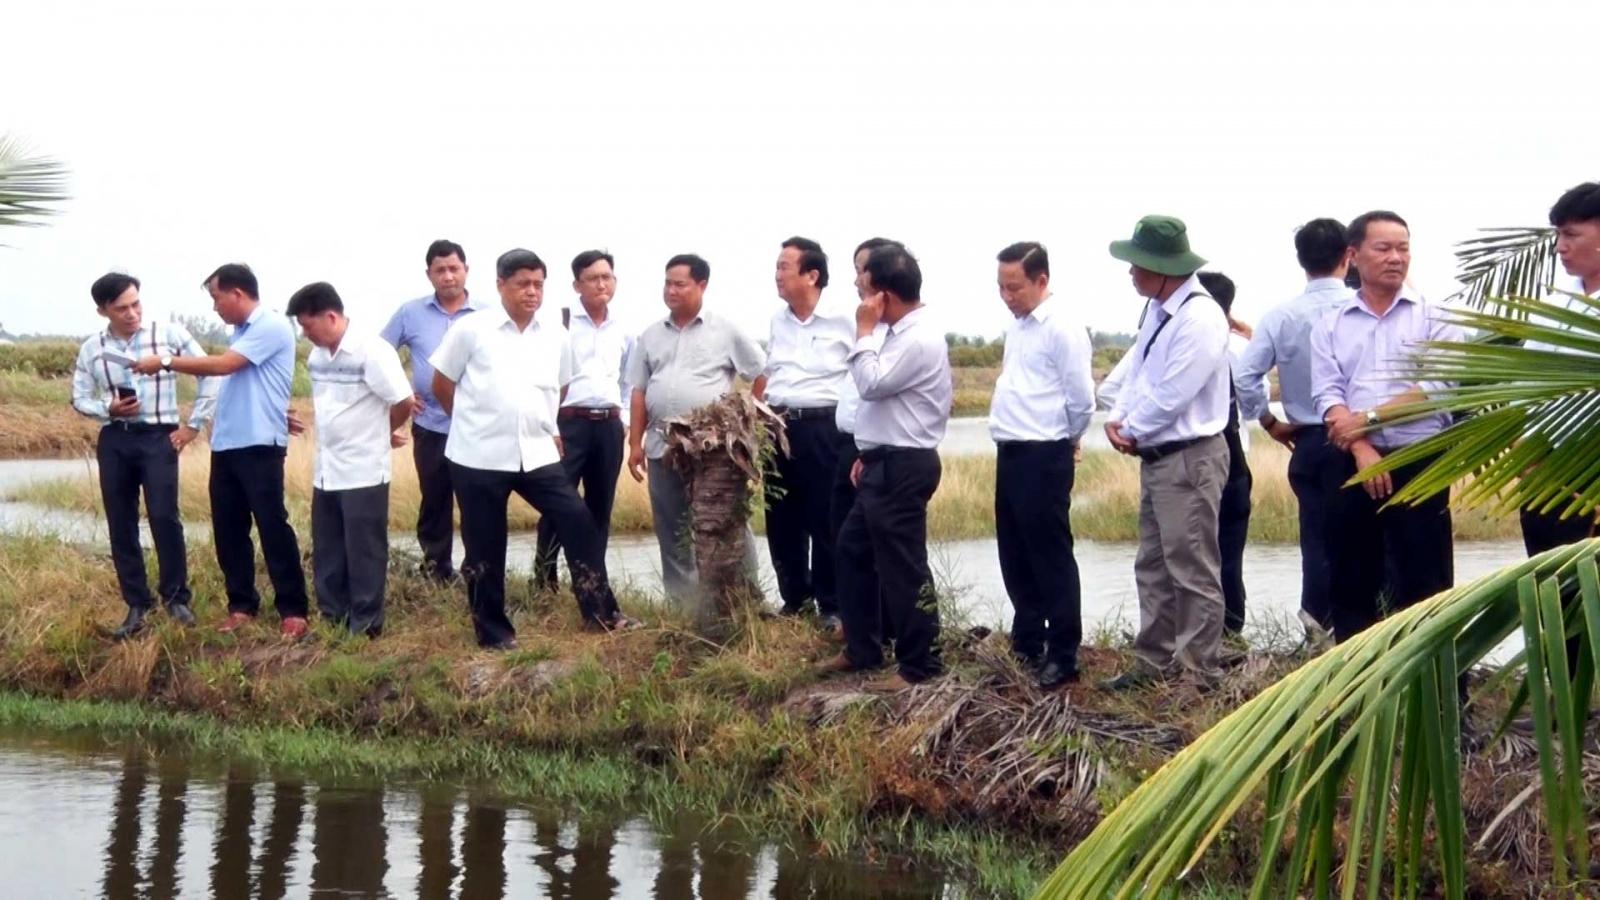 Mô hình tôm-lúa hữu cơ ở Kiên Giang được người dân hưởng ứng